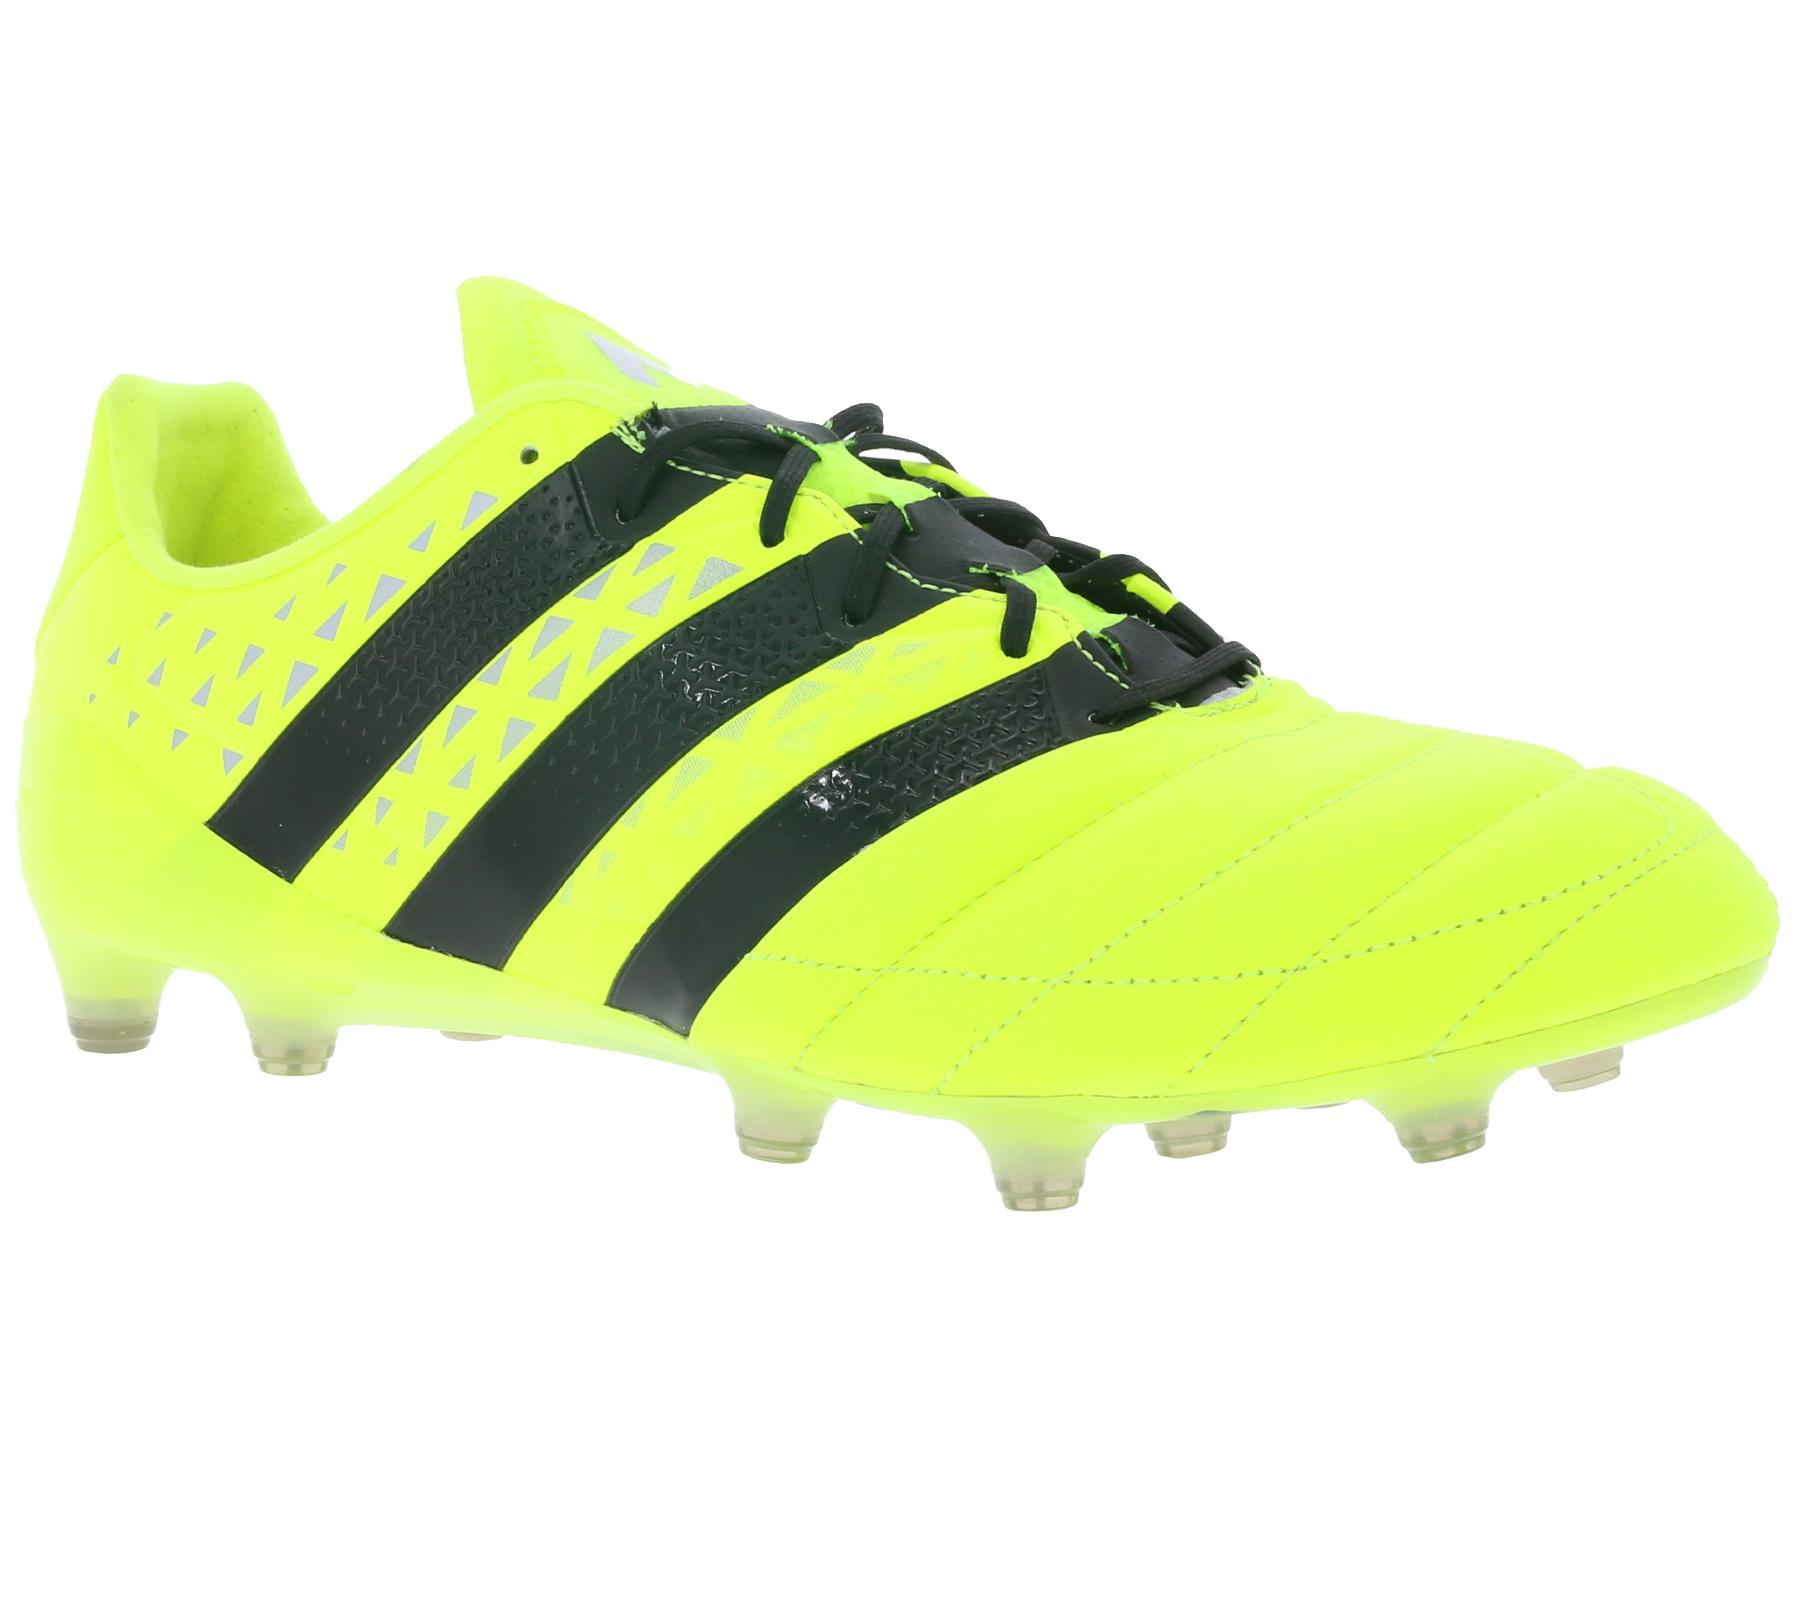 adidas Ace 16.1 FG Leather Fußballschuhe S79684 UVP: 199,95 EUR #Profi #Amateuer @outlet46